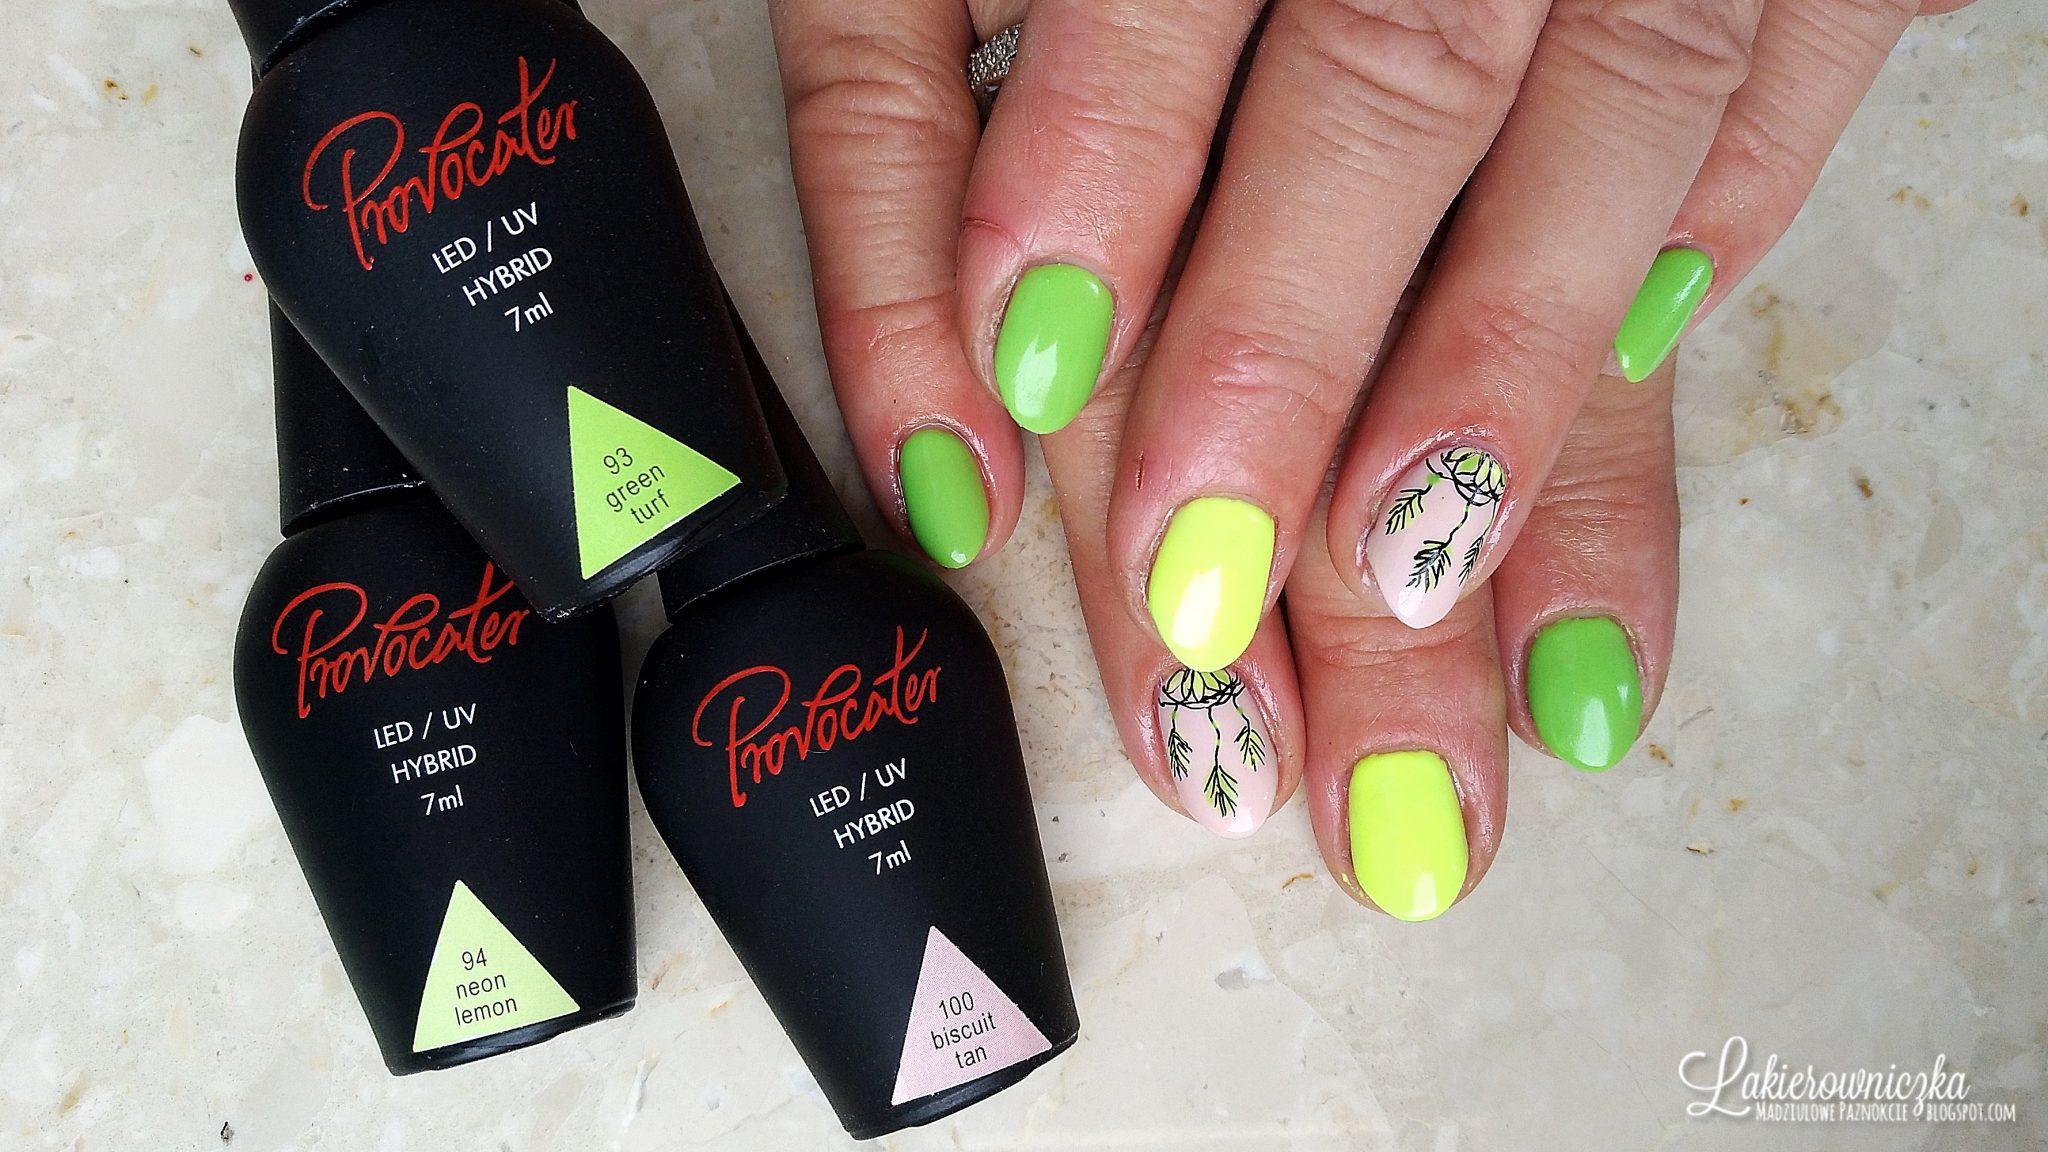 Lakierowniczka-Provocater-neonowe-zolte-paznokcie-zielona-hybryda-zdobienie-rapidograf-lapacz-snow-neonowe żółte paznokcie